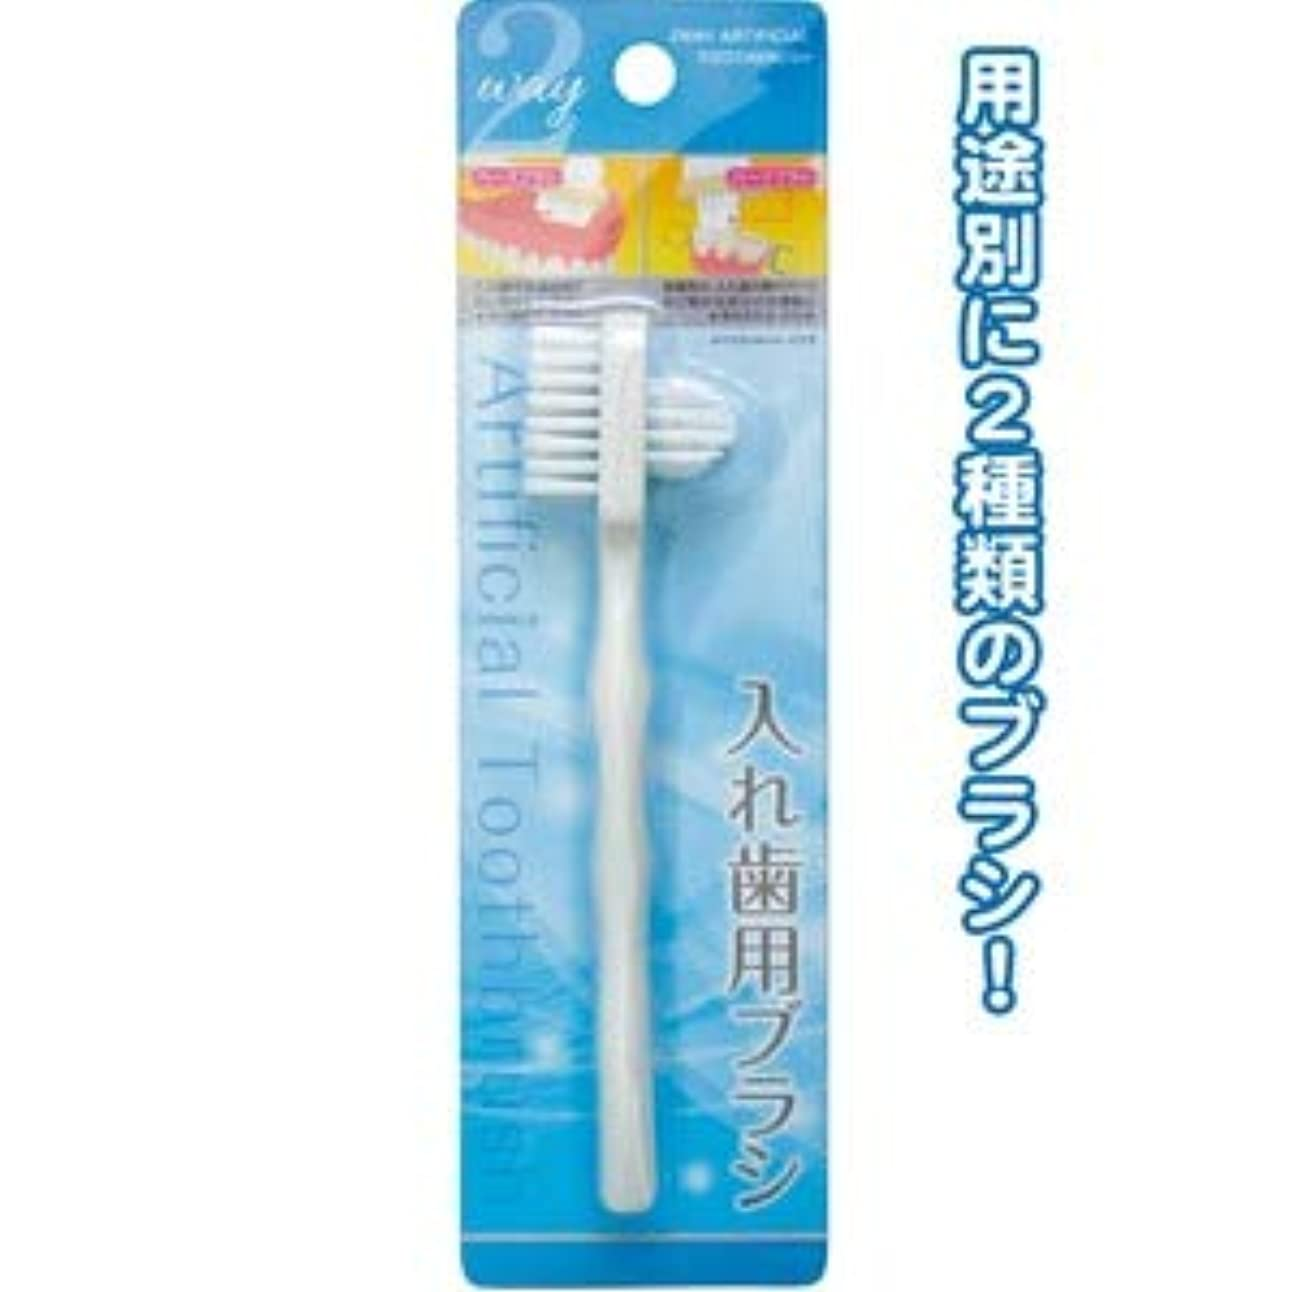 巡礼者細分化する無効にする2Way入れ歯用ブラシ 41-233【12個セット】